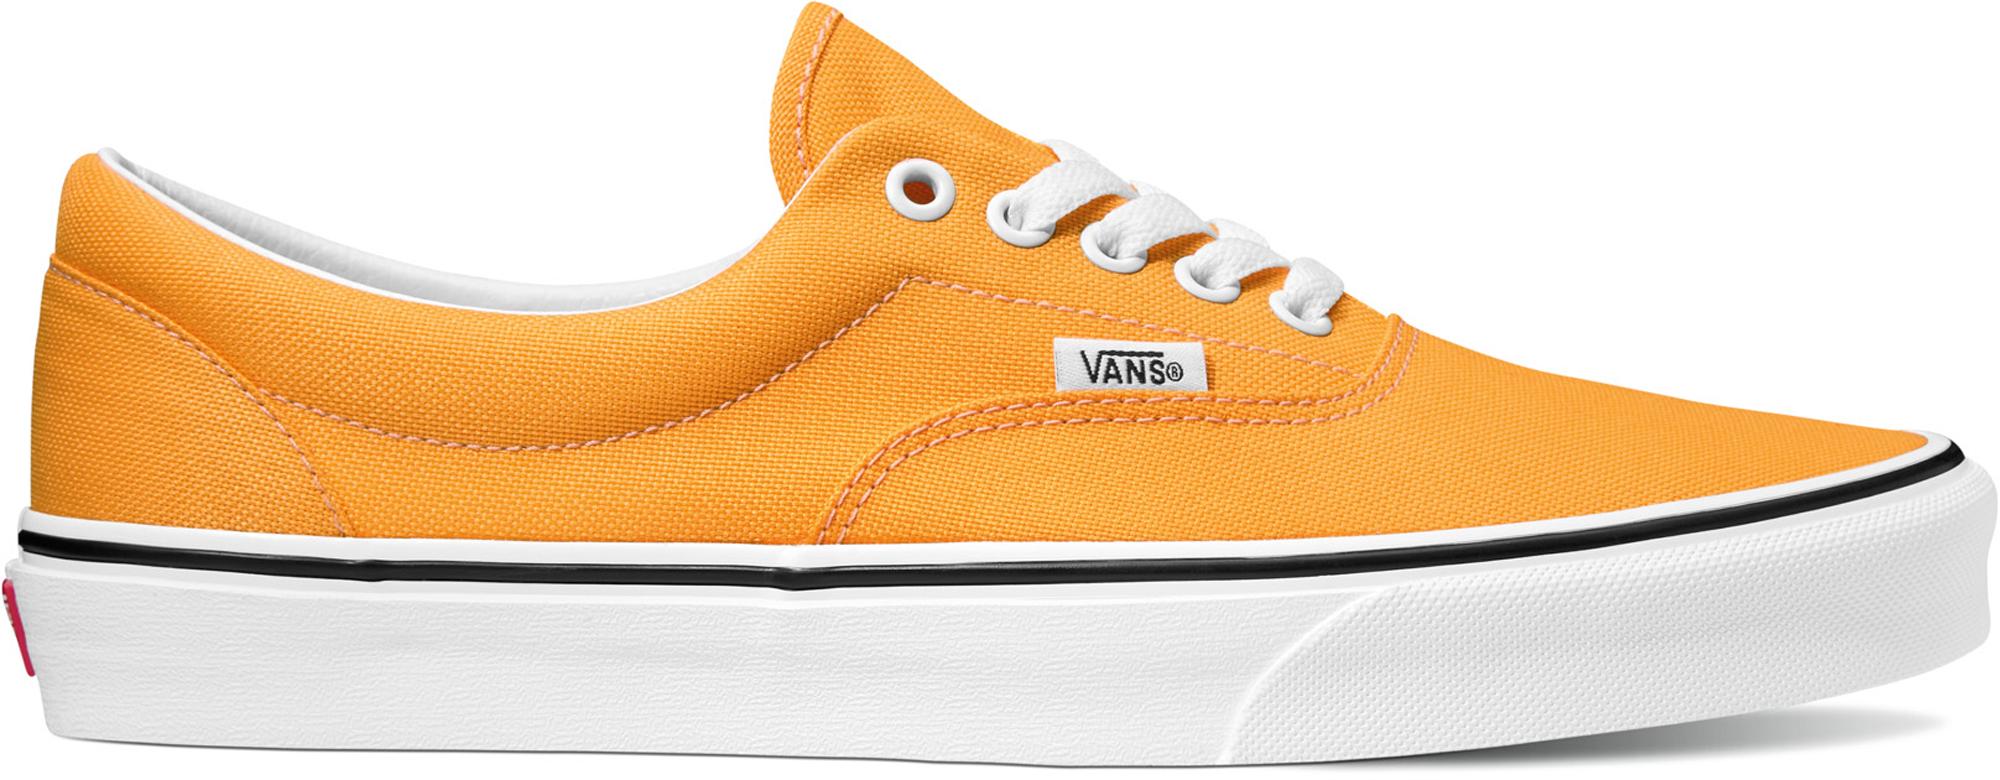 цена Vans Кеды женские Vans Era, размер 36.5 онлайн в 2017 году